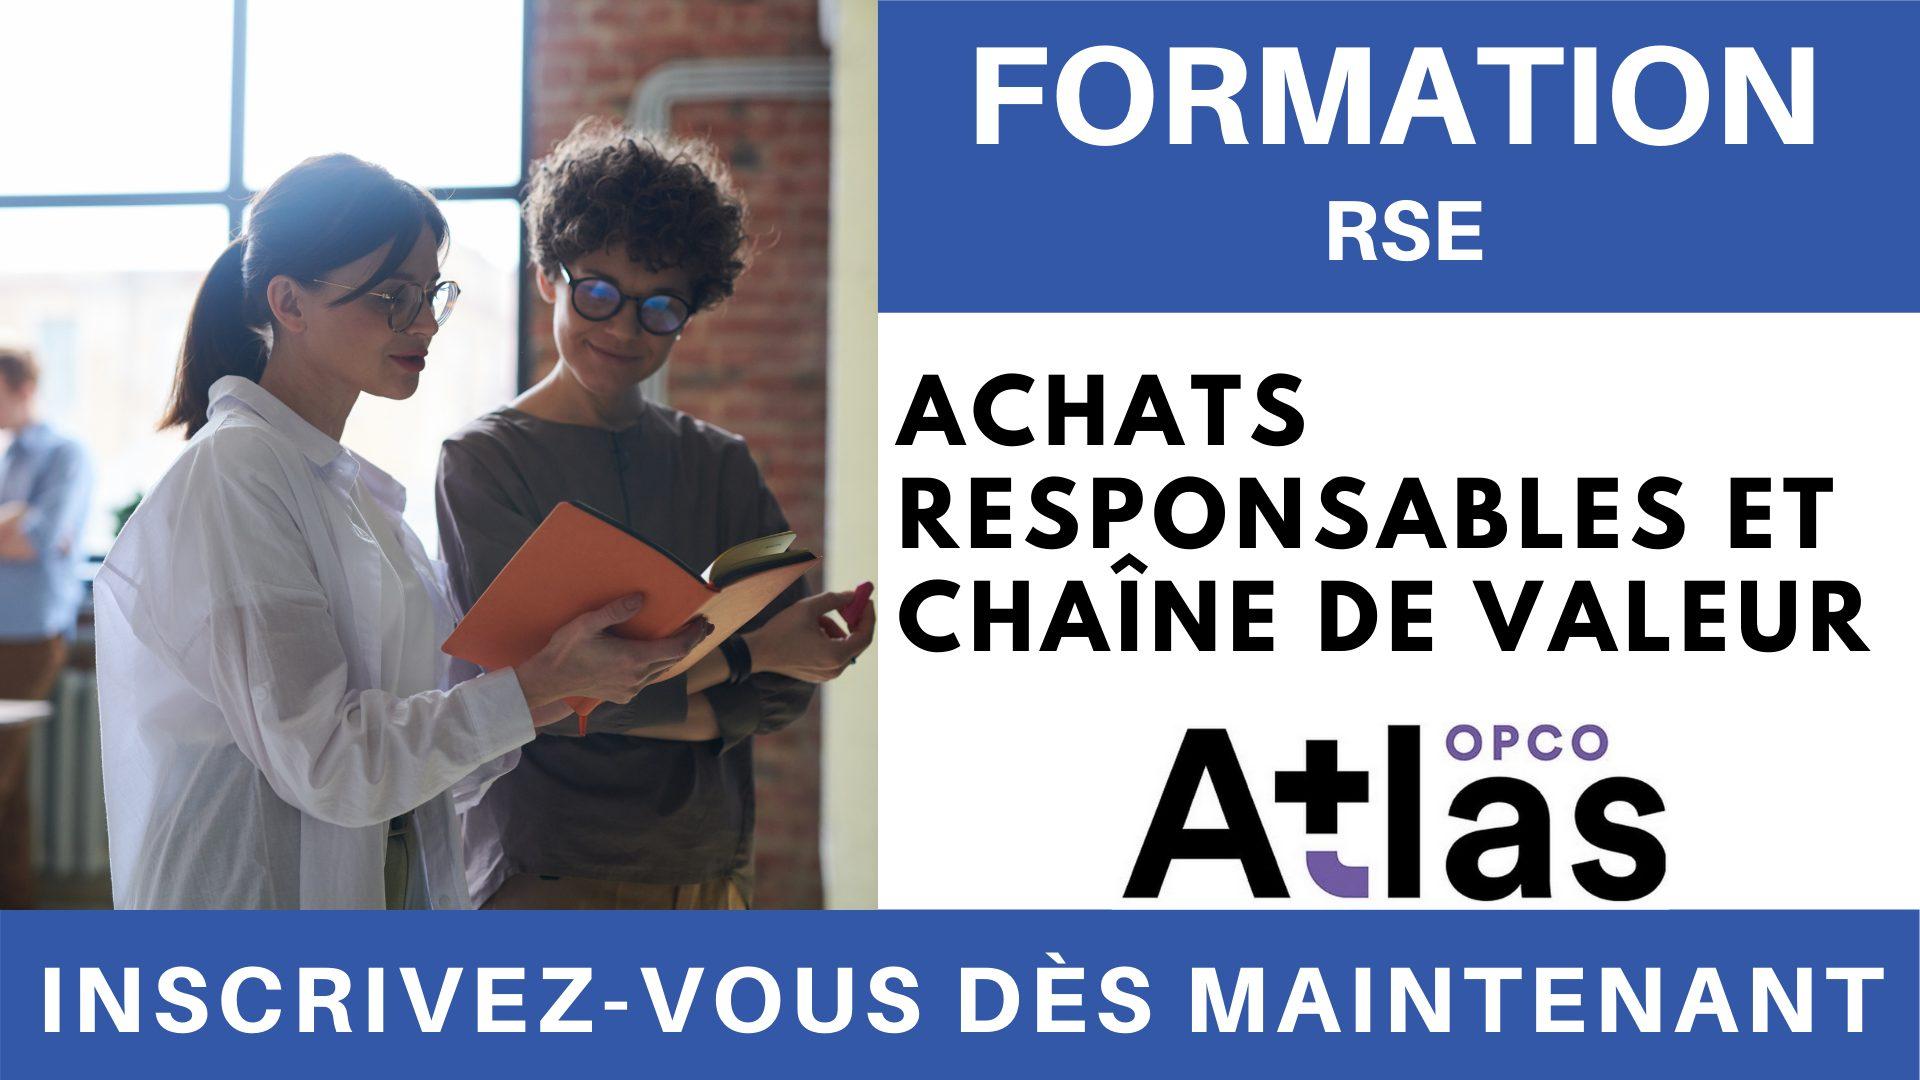 Formation RSE - Achats responsables et chaîne de valeur